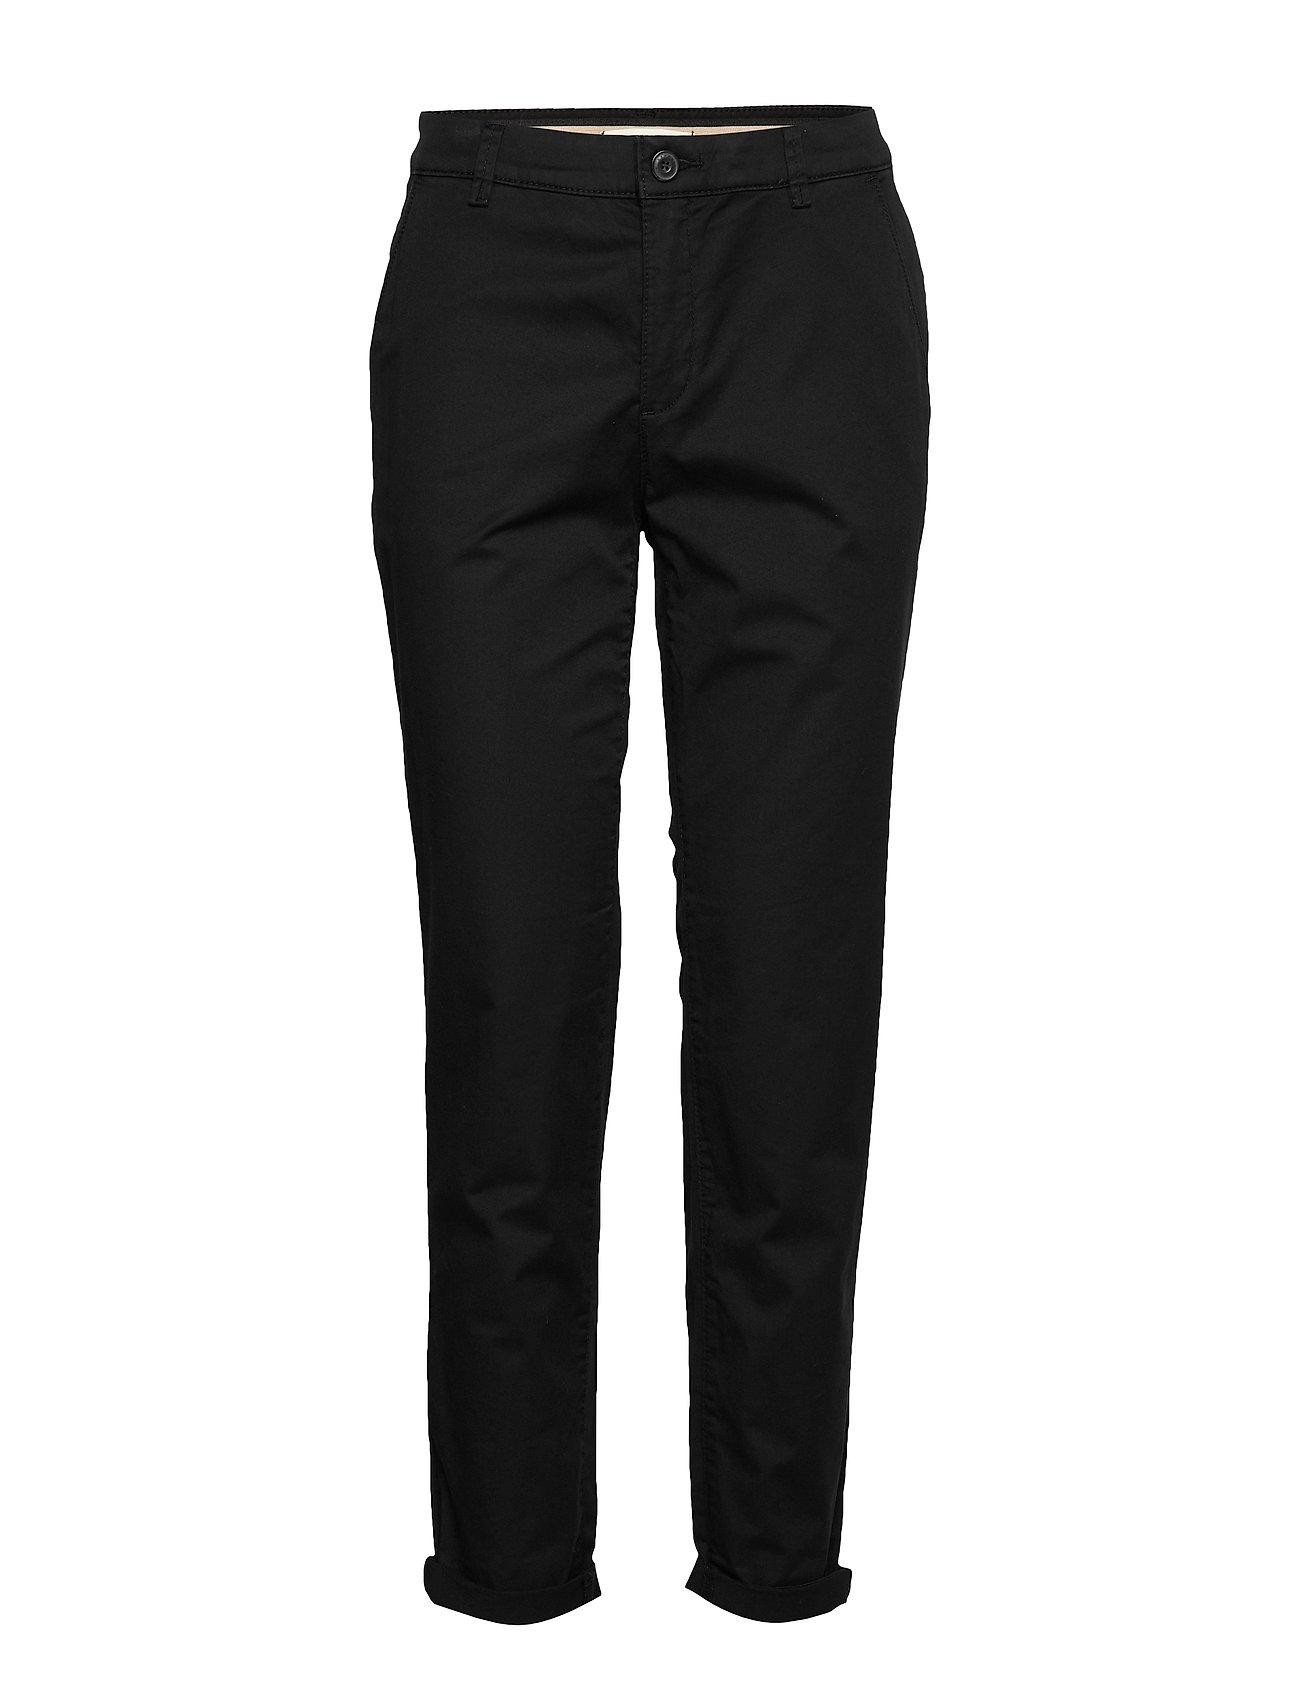 Esprit Casual Pants woven - BLACK